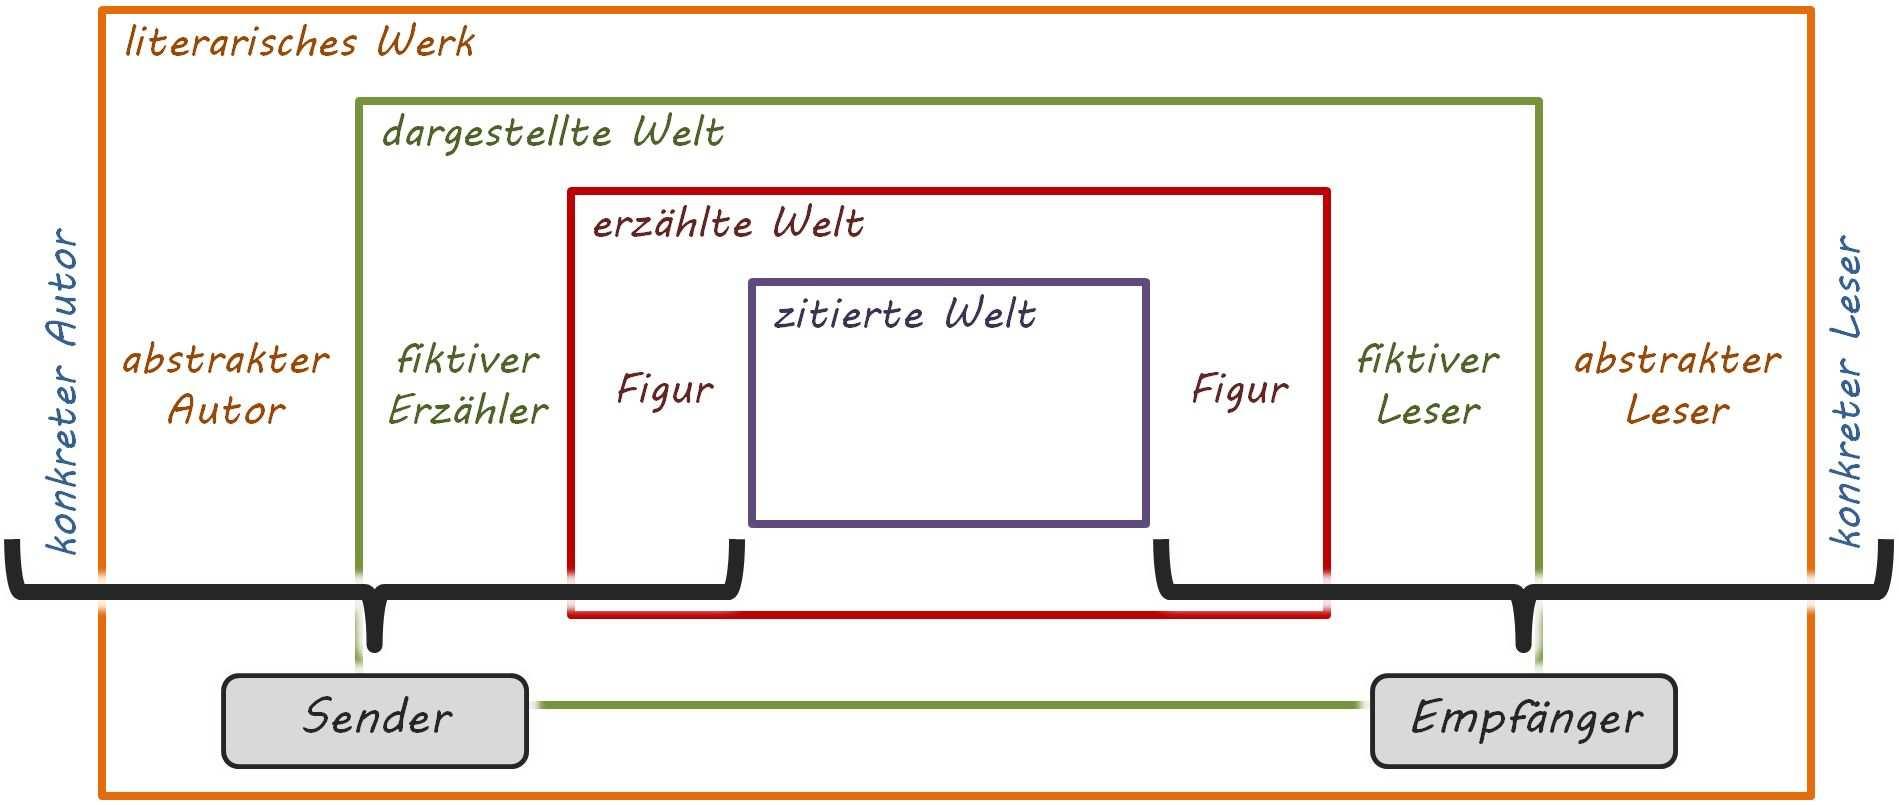 Das Modell Der Kommunikationsebenen Von Wolf Schmid Kommunikation Literatur Literaturwissenschaft